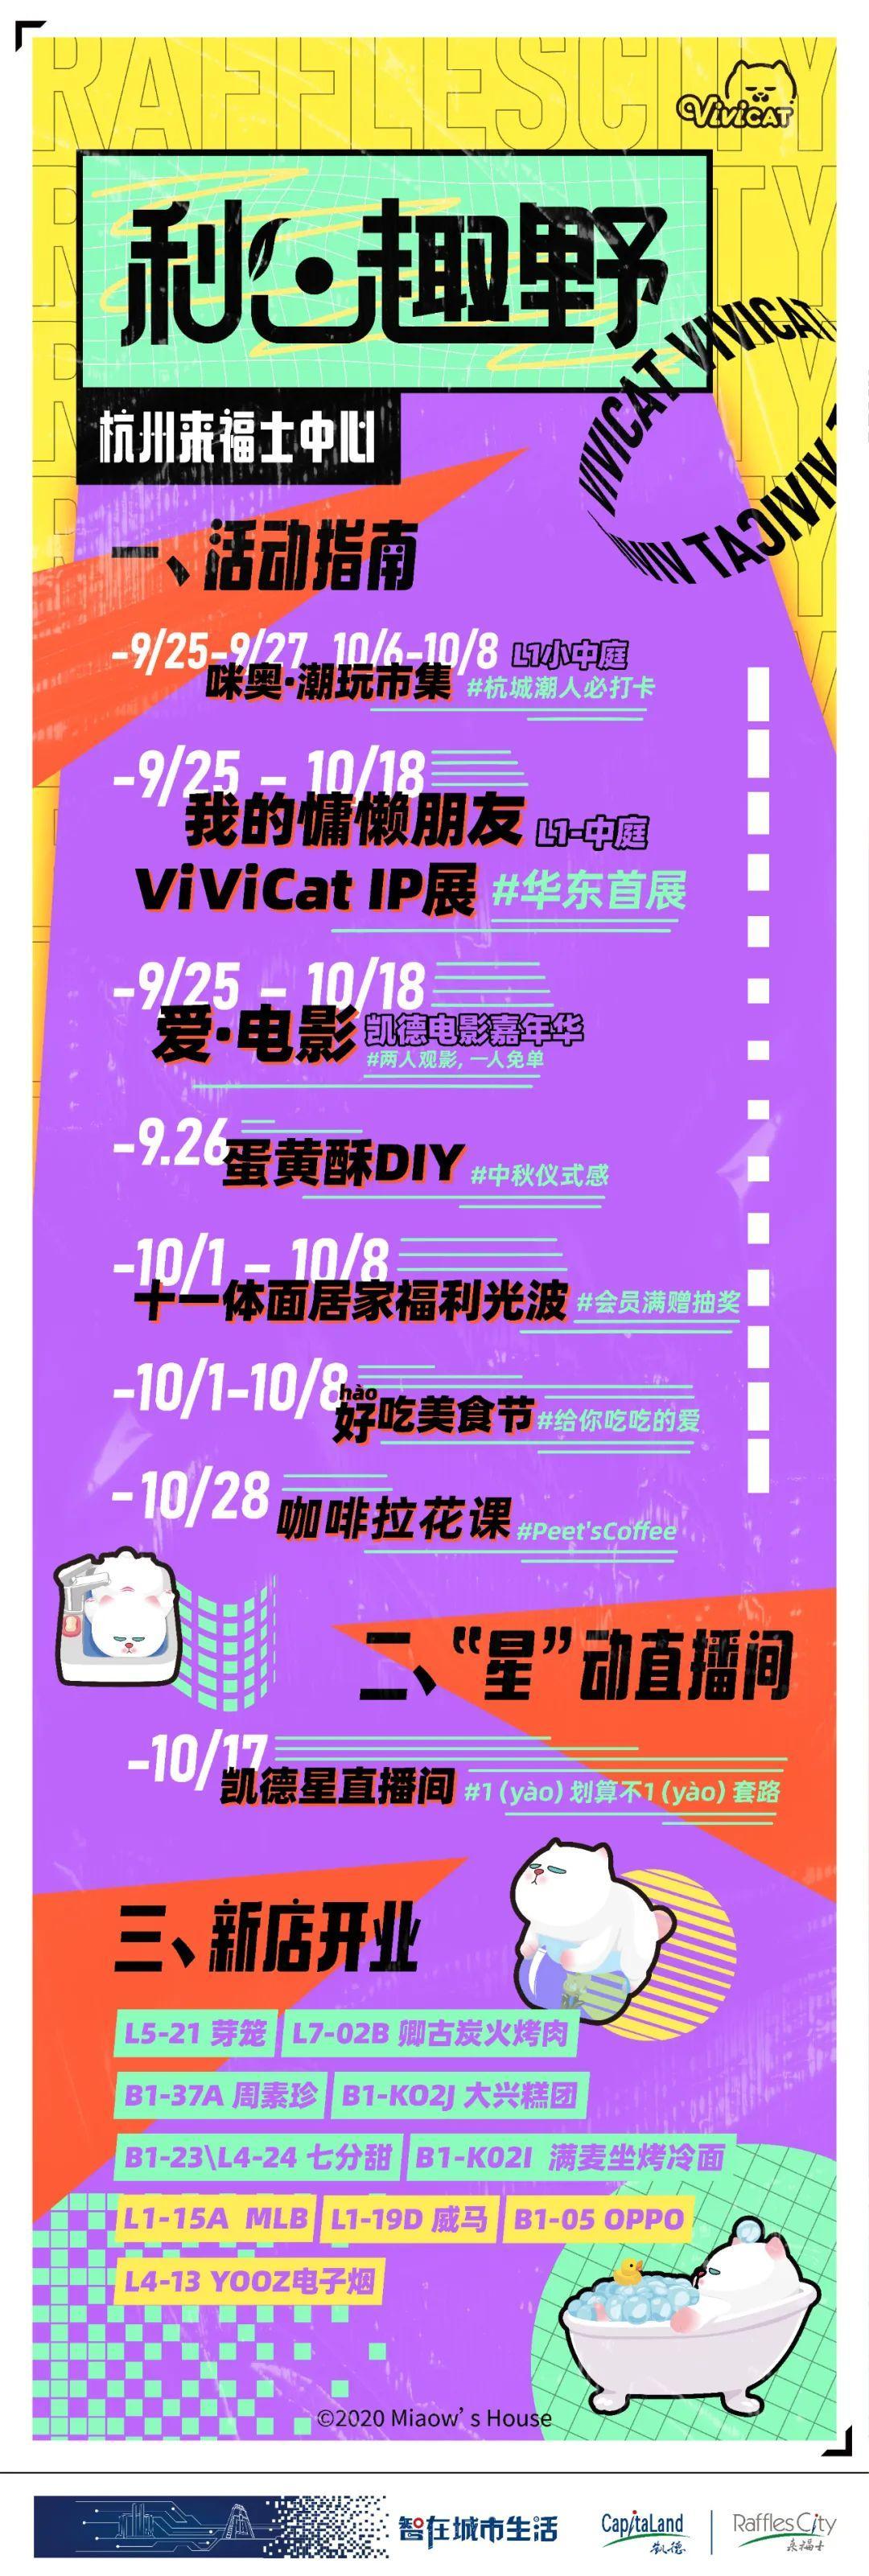 我的慵懒朋友ViViCat华东首展梦幻来袭!咪奥·潮玩集市趣味出摊!这个秋天,来福士陪你嗨!(图61)